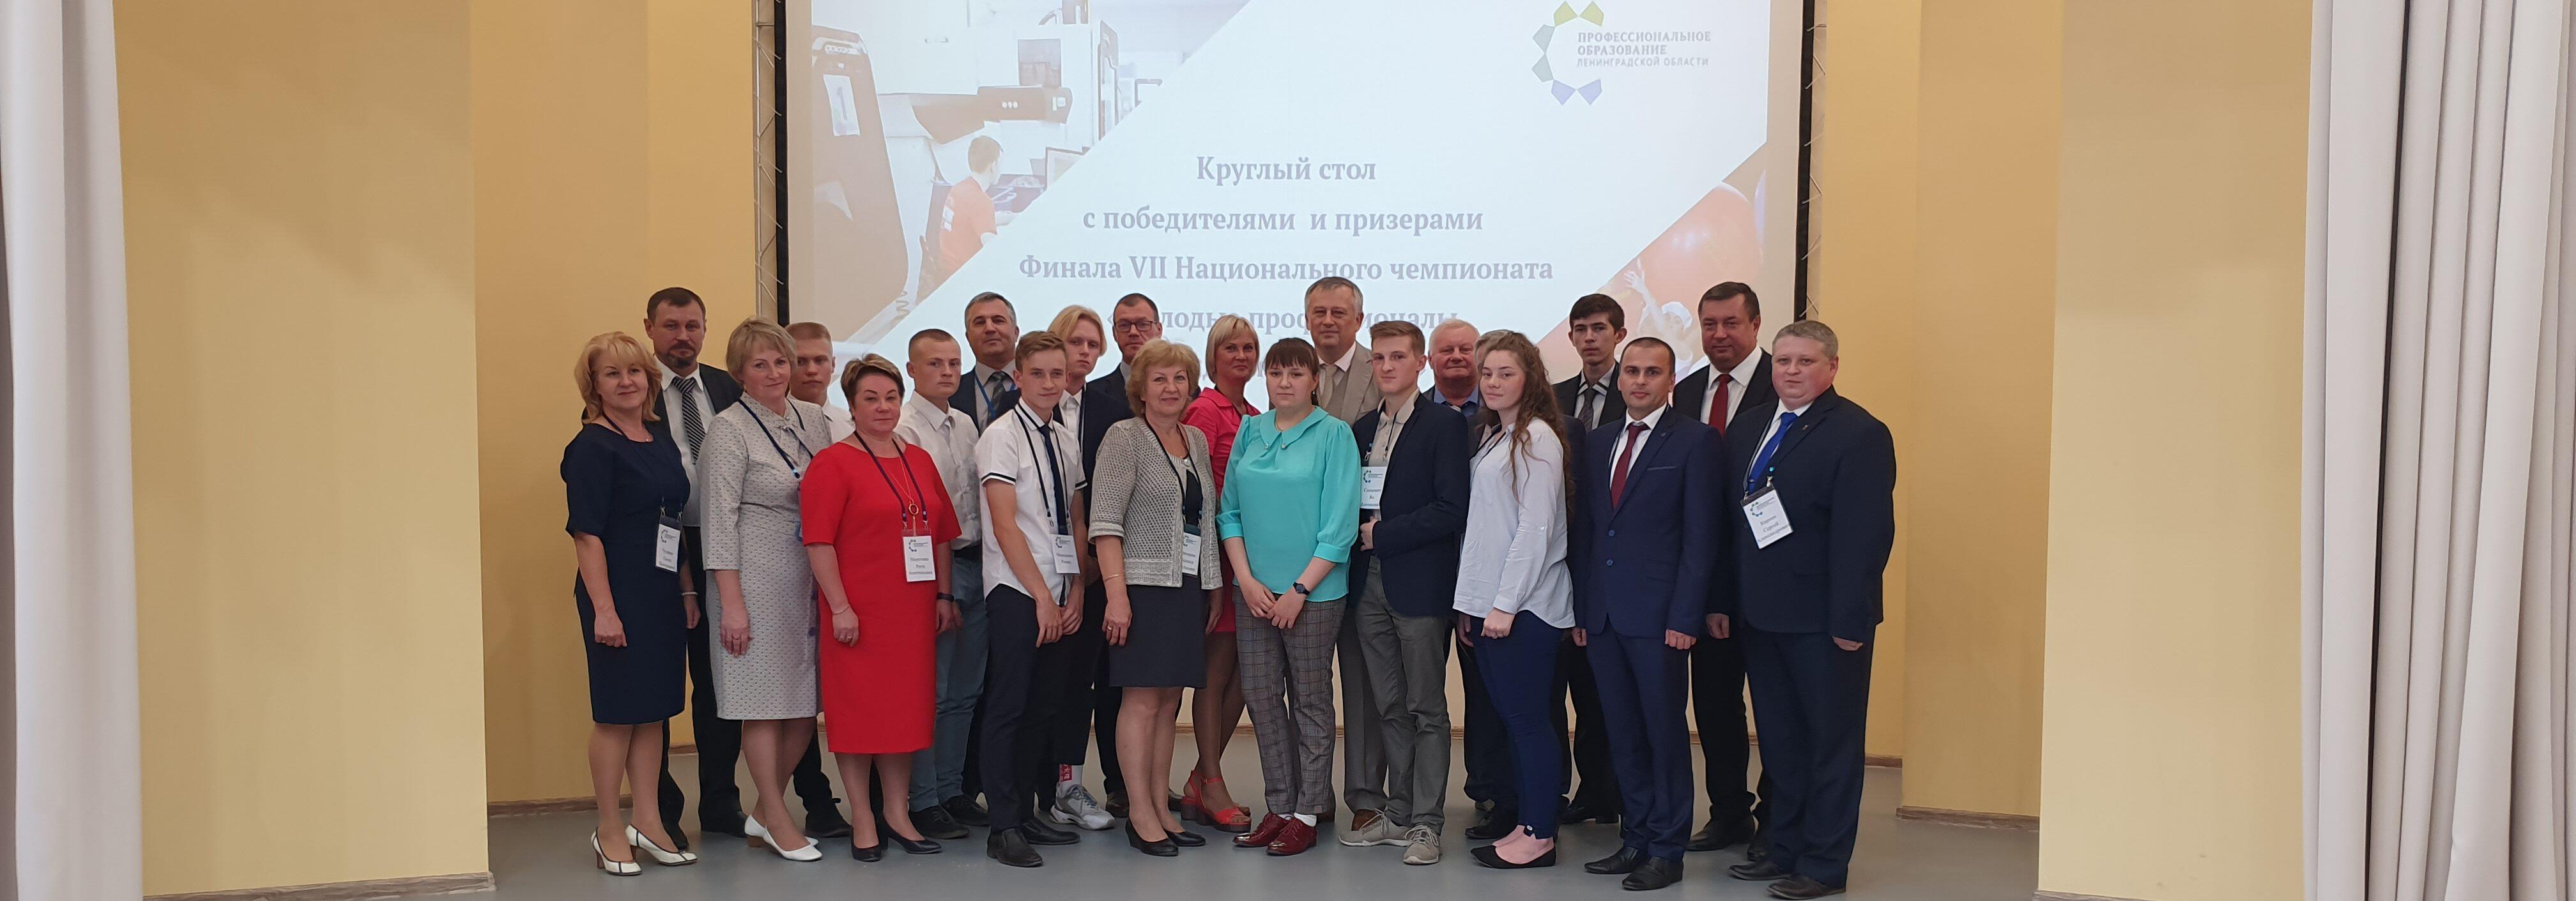 Ленинградская область помогает молодым профессионалам